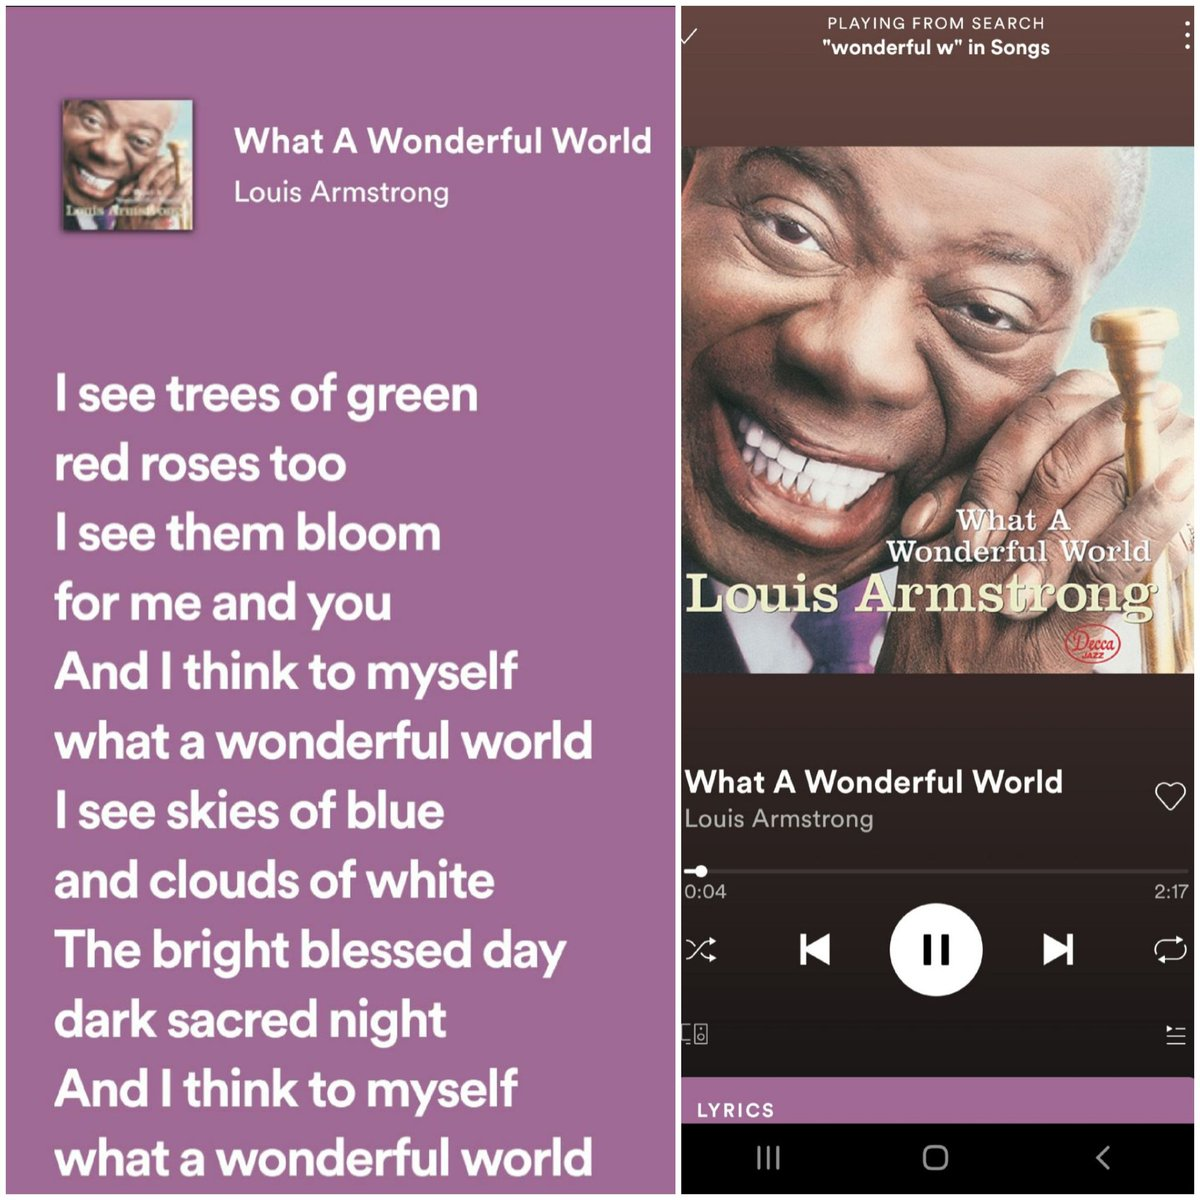 #洋楽写経大好きなサッチモの曲。もうすぐ終戦記念日がやってきます。戦争や紛争のない世の中が1日も早く来ますように🕊️🍀🙏✨🎶What A Wonderful World /Louis Armstrongタグ使わせて頂きました!有り難うございます🌷